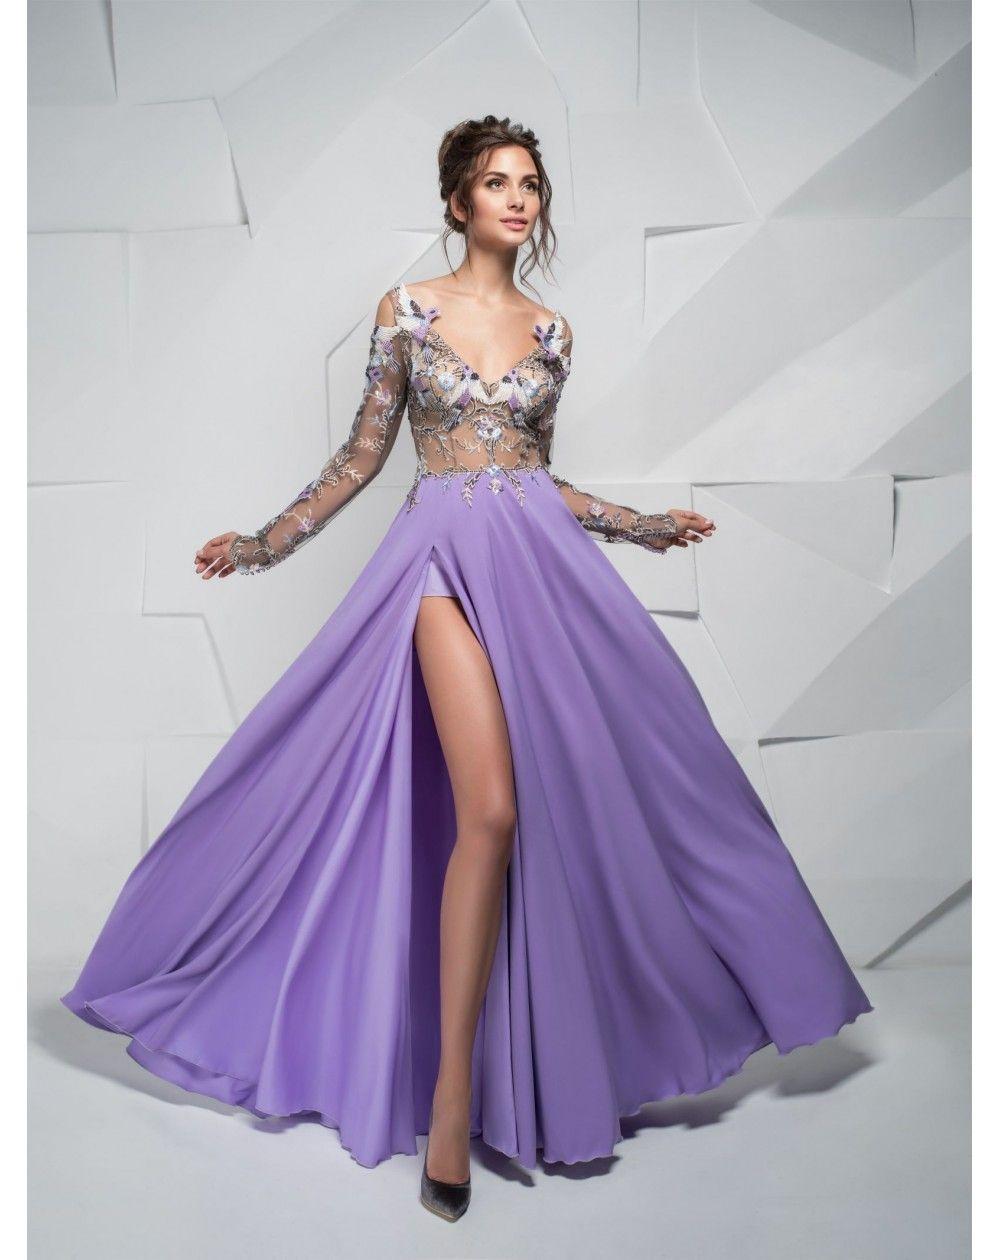 01a90d8b6364 Exkluzívne plesové šaty s fialovou sukňou s rozparkom z padavého materiálu.  Zvršok je vytvorený z